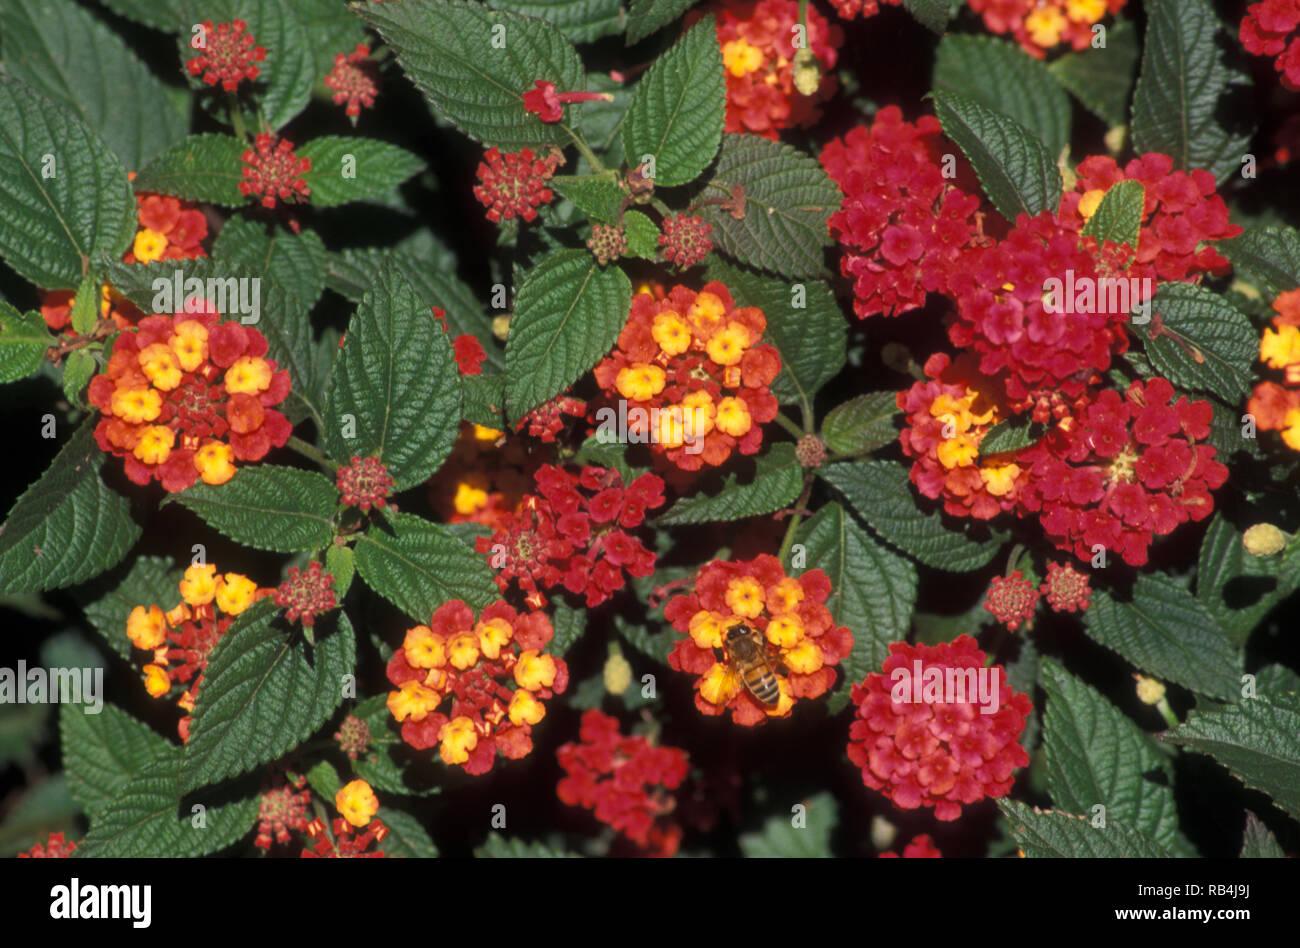 LANTANA CAMARA (COMMON LANTANA) Stock Photo